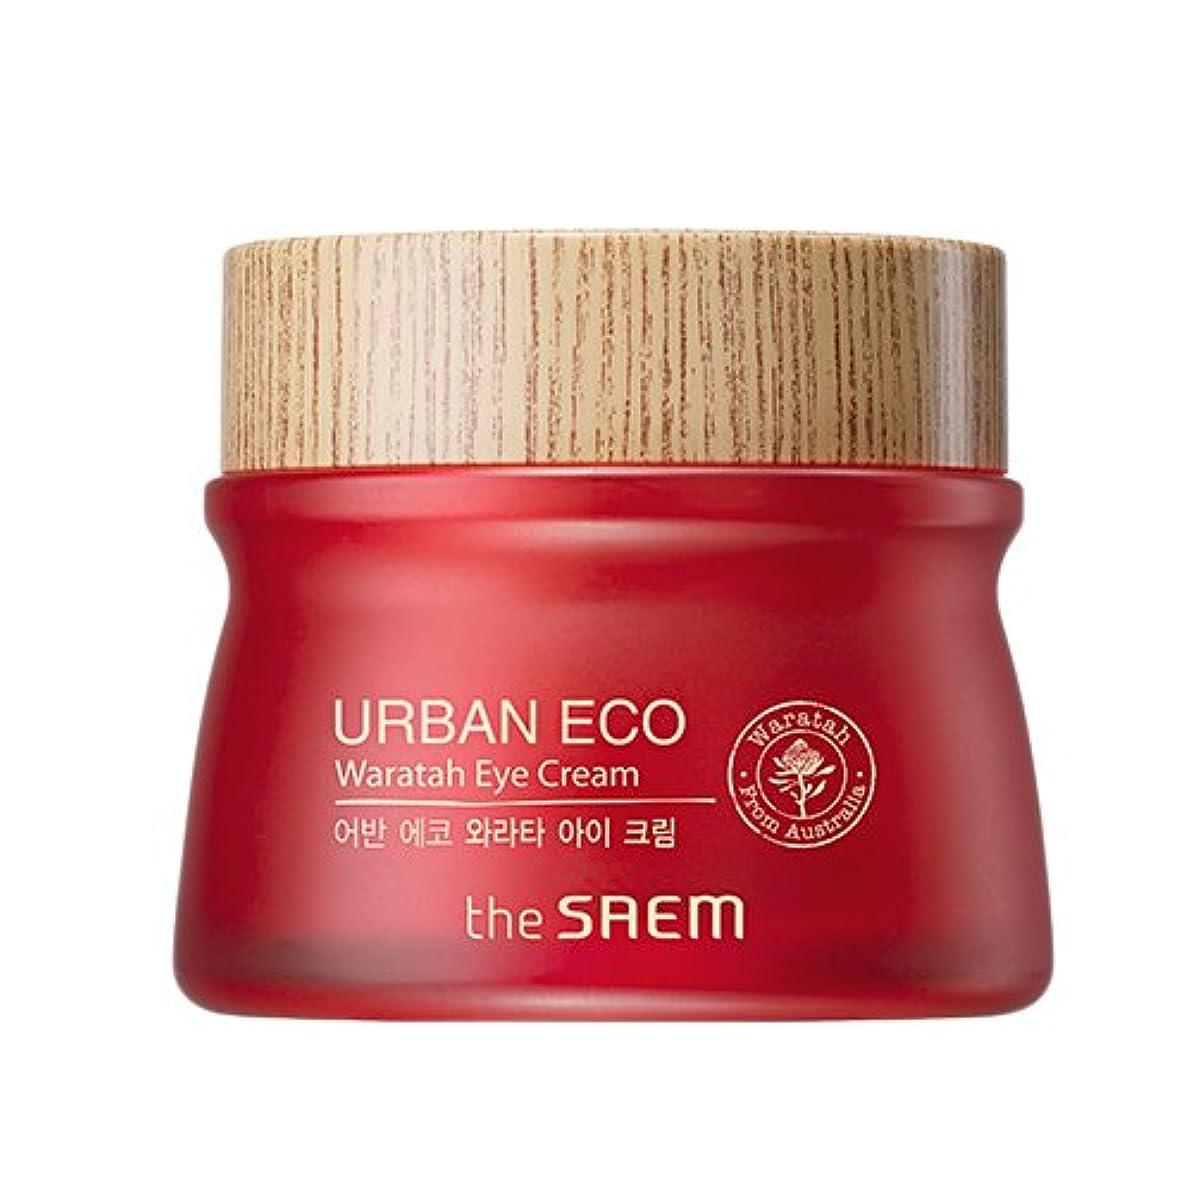 ジーンズ救援テレビ局ドセム アーバンエコワラターアイクリーム 30ml Urban Eco Waratah Eye Cream [並行輸入品]